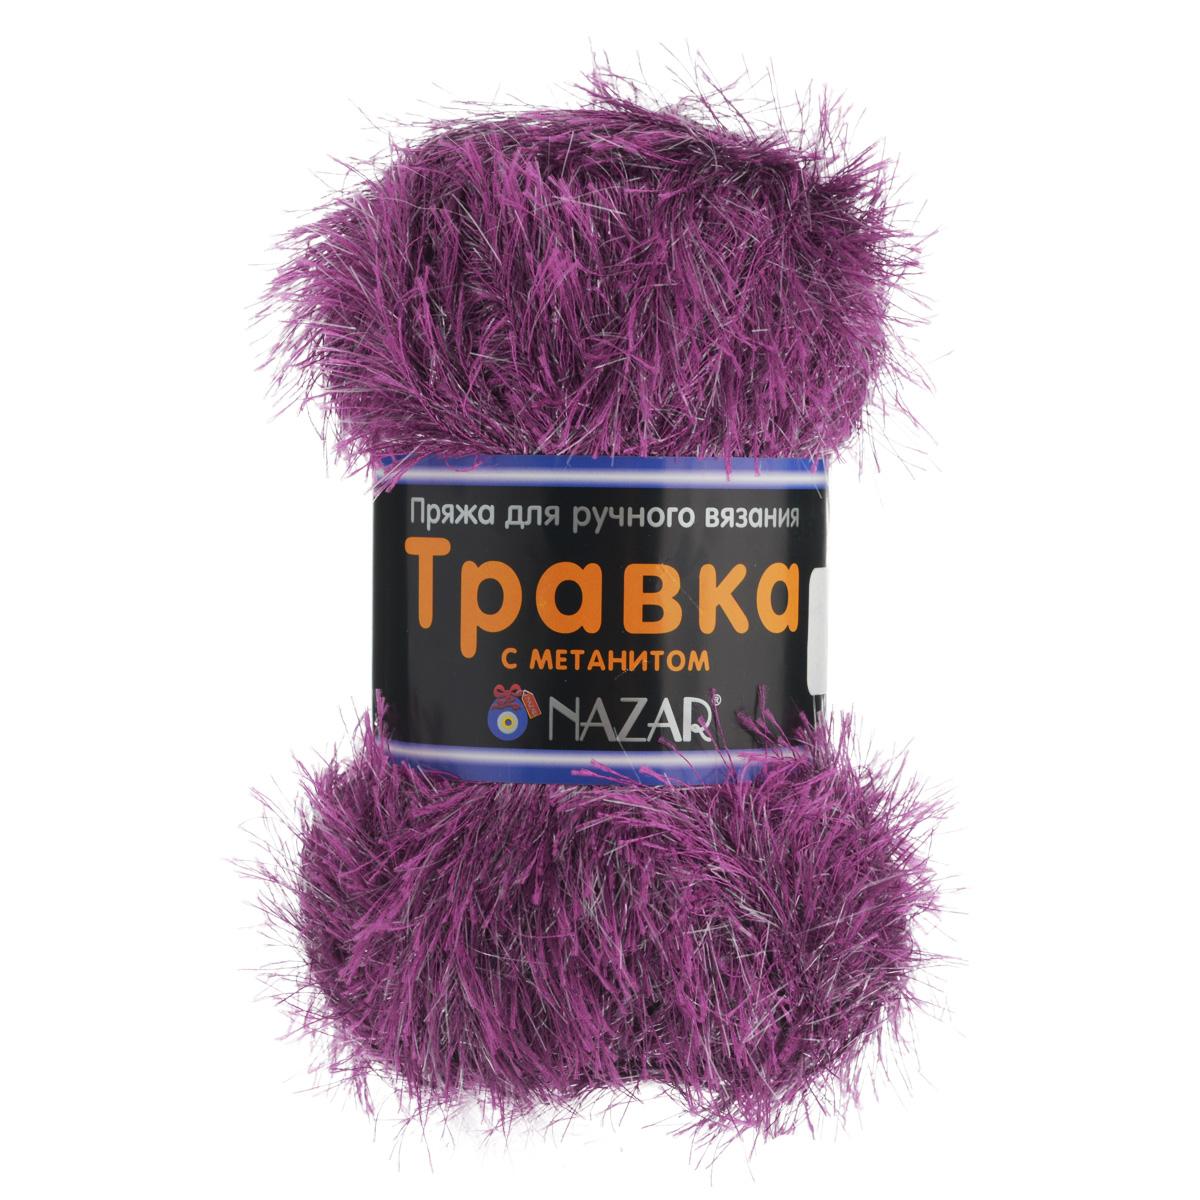 Пряжа для вязания Nazar Травка с метанитом, цвет: фуксия (2002), 115 м, 100 г, 5 шт349021_2002Пряжа для вязания Nazar Травка с метанитом изготовлена из 90% полиэстера, 10% метанита. Это - пряжа с ворсом. Изделия выглядят как меховые, а добавление метанита придает блеск. Полотно выглядит пушистым с обеих сторон. Пряжа используется для отделки изделий, создания игрушек, а также хороша для новогодних костюмов и в качестве мишуры. Подходит для вязания на спицах и крючках 4 мм. Состав: 90% полиэстер, 10% метанит. Комплектация: 5 шт. Толщина нити: 1,5 мм.